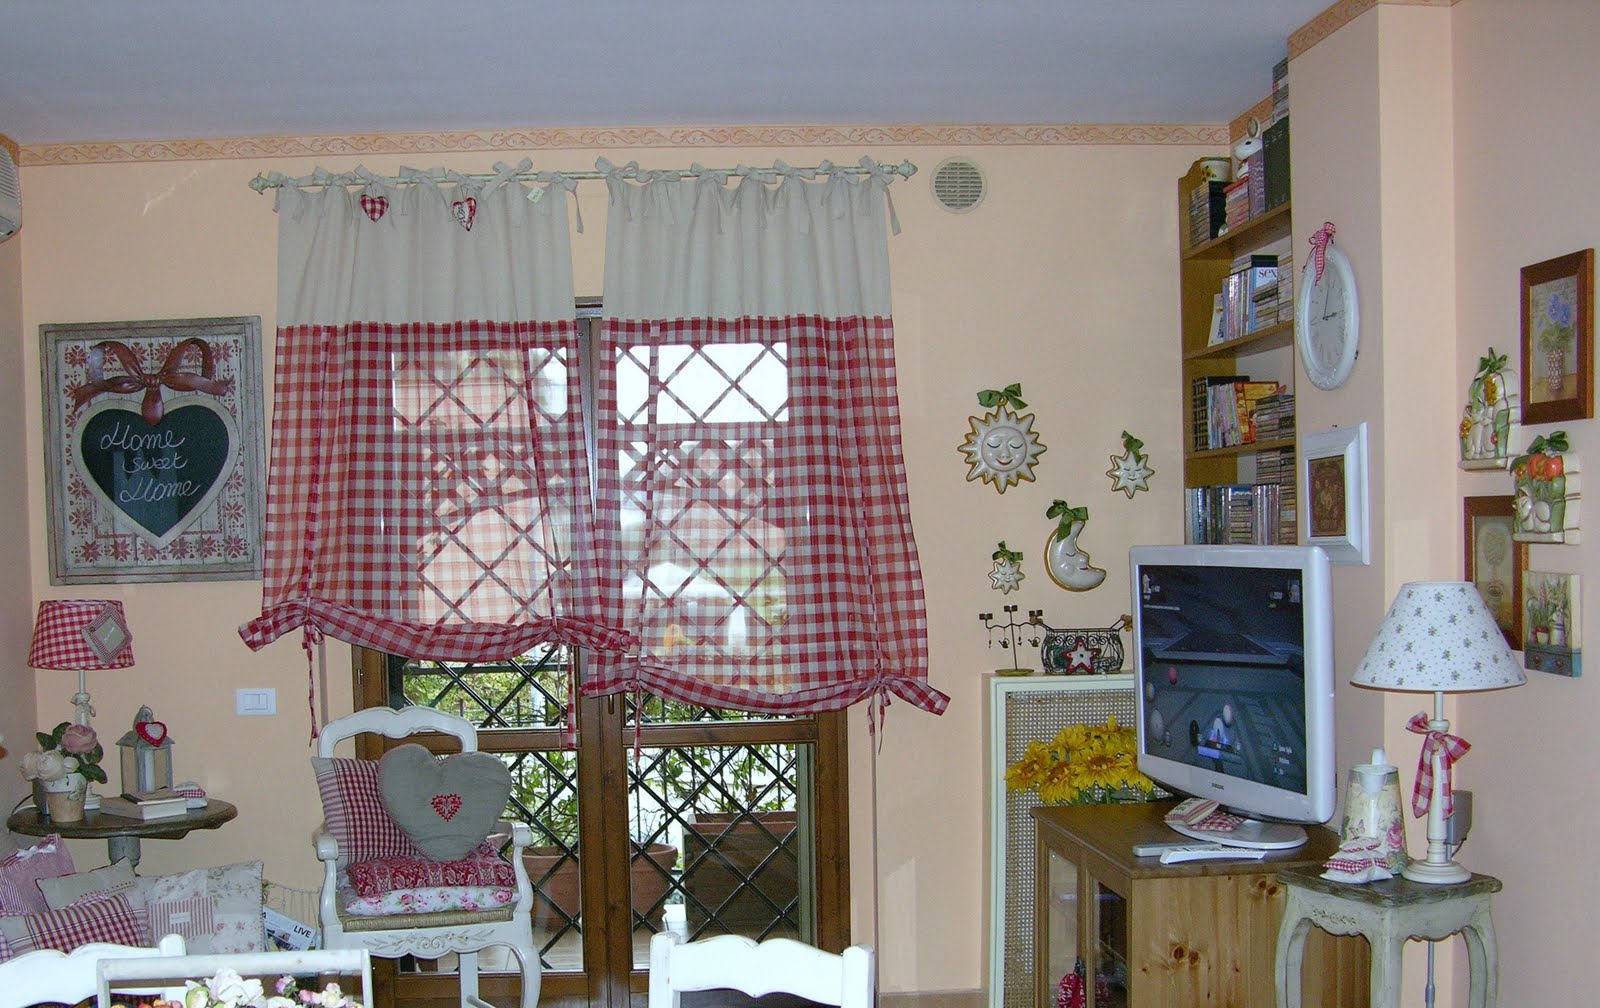 A casa di tiziana e giovanni shabby chic interiors - Shabby chic interiors a casa di federica ...